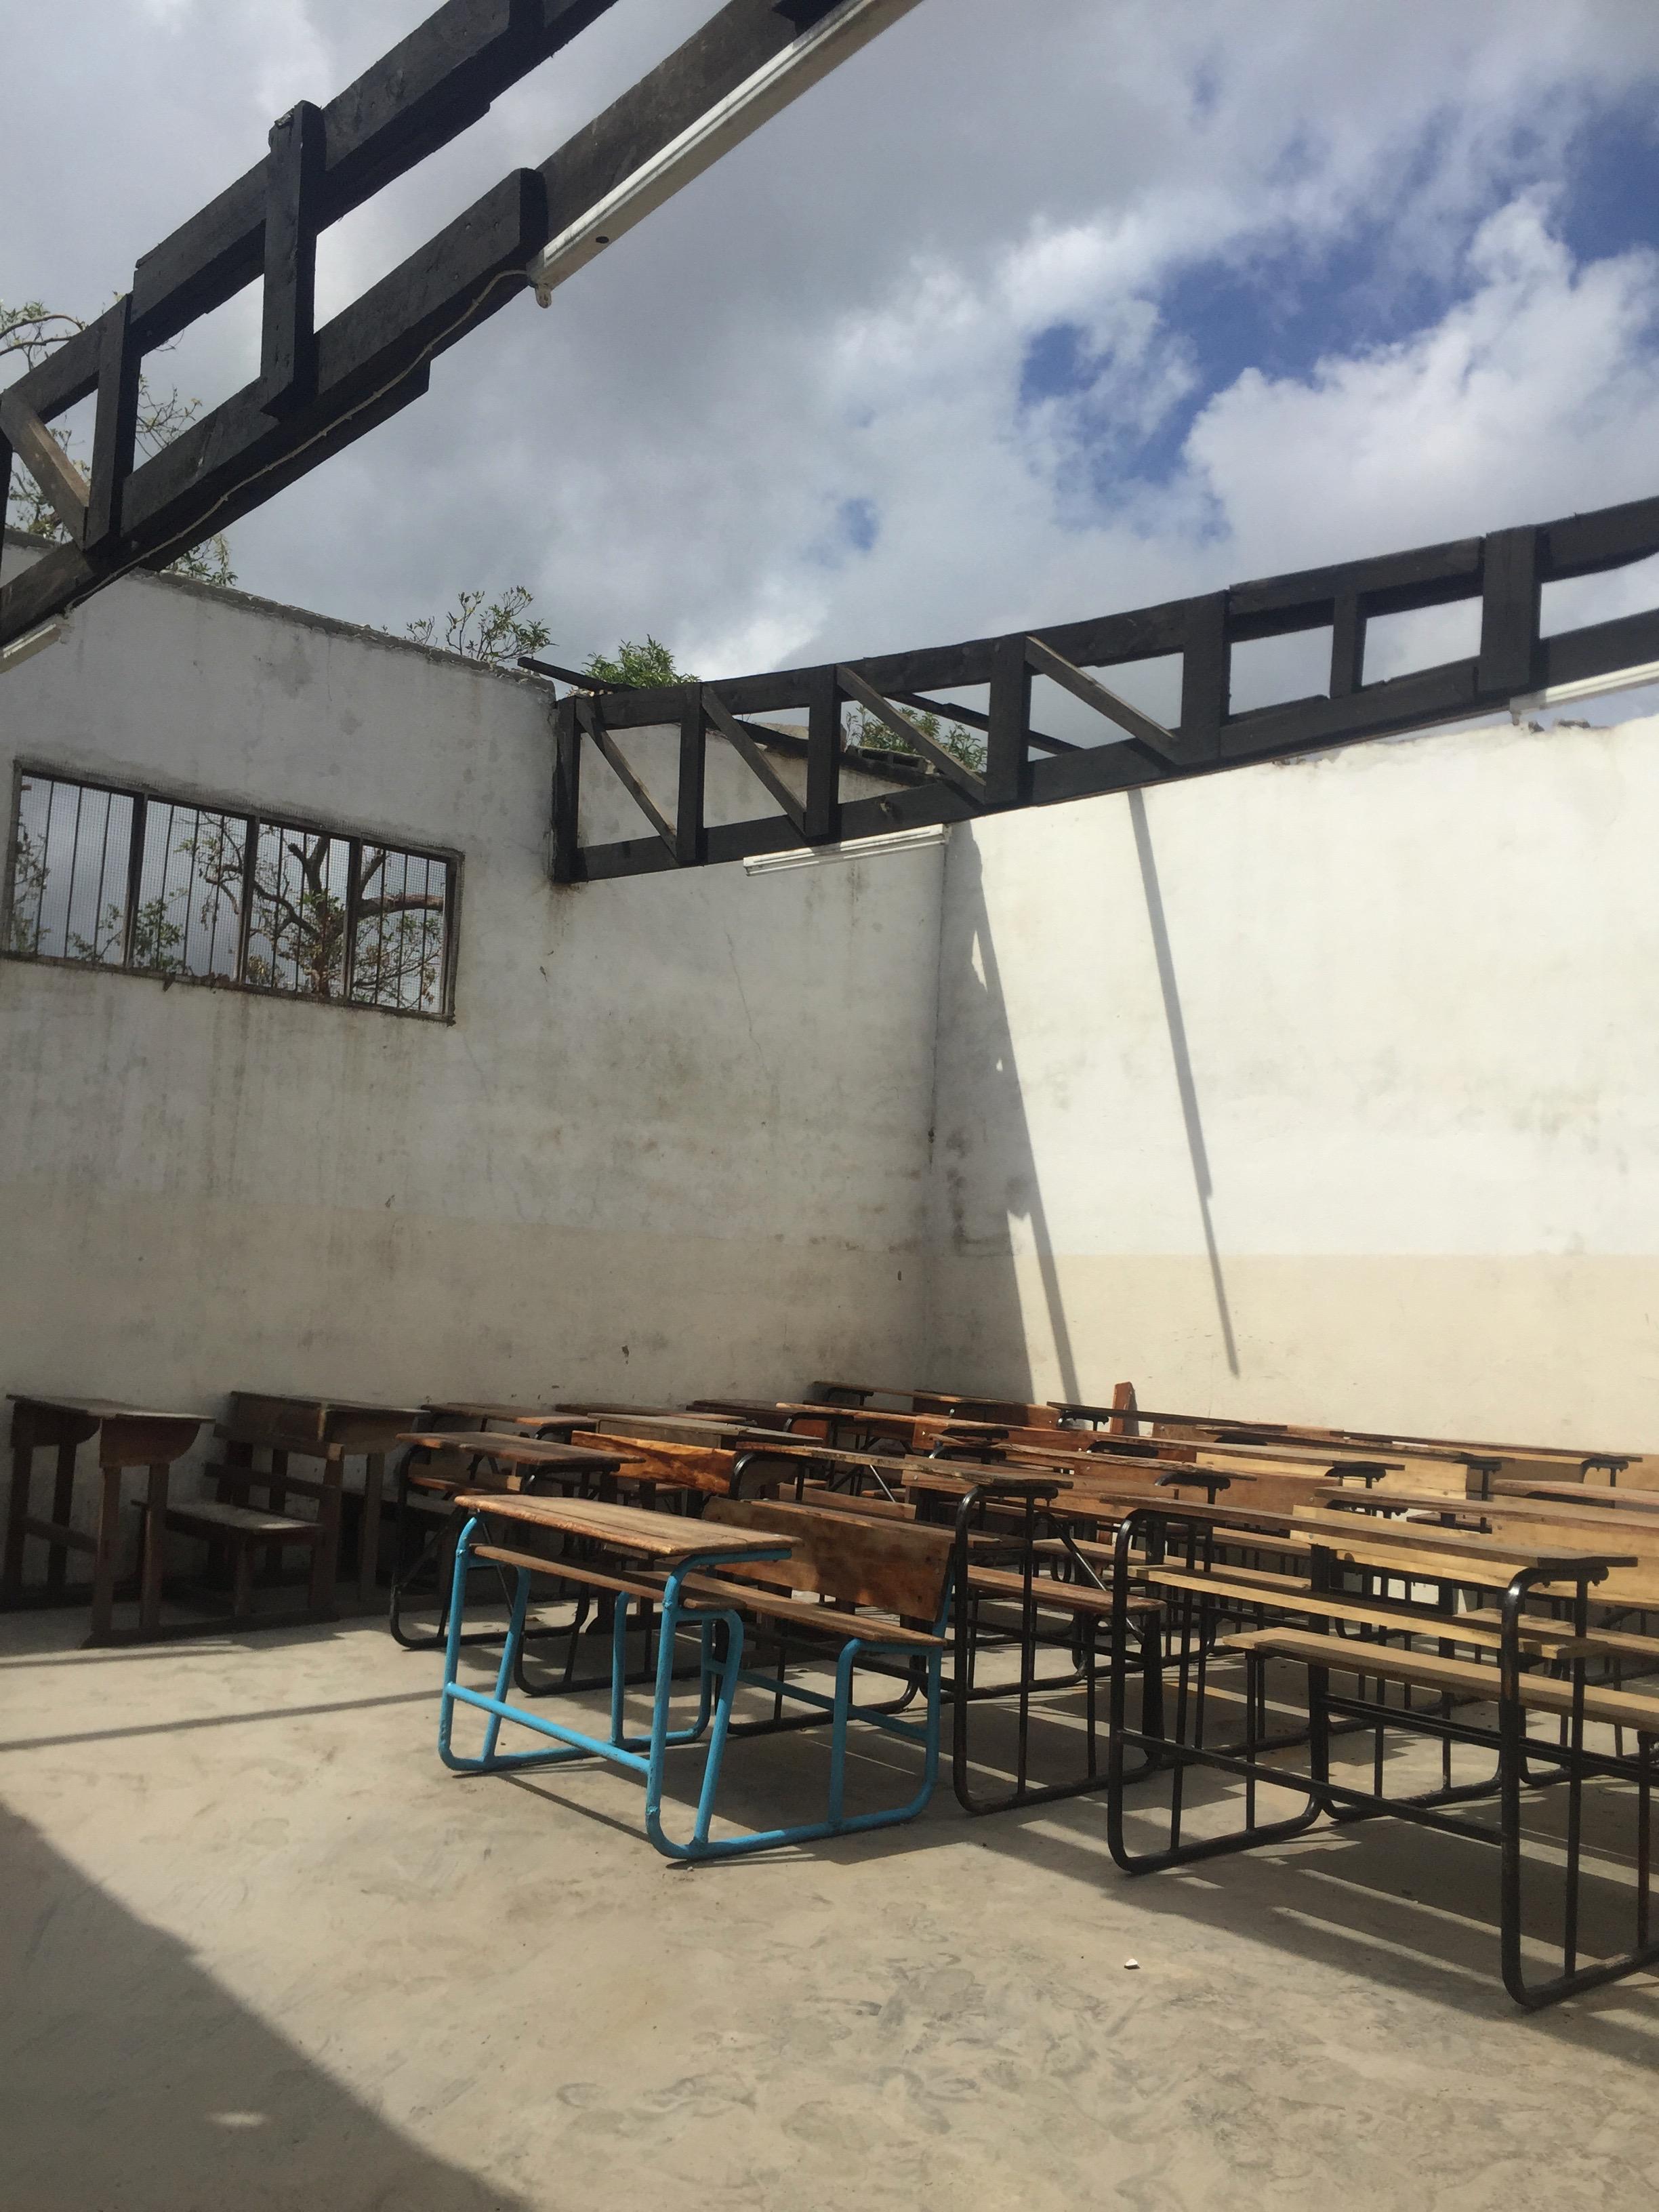 MZ_CicloneIdai_Beira_EscolaSantosInocentes_032019@FEC (13)